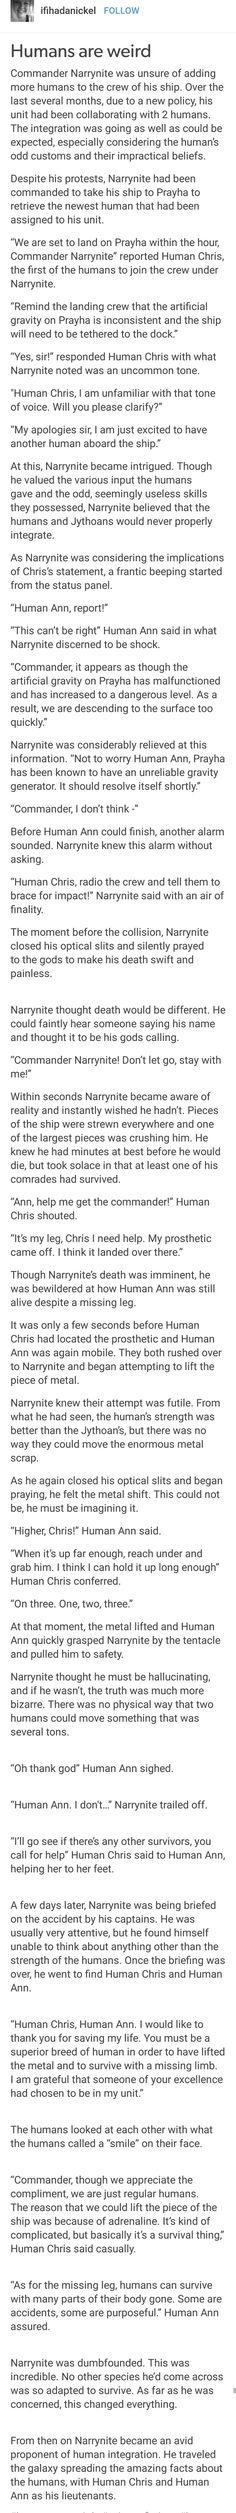 Humans are Weird: Chris & Ann Part 1